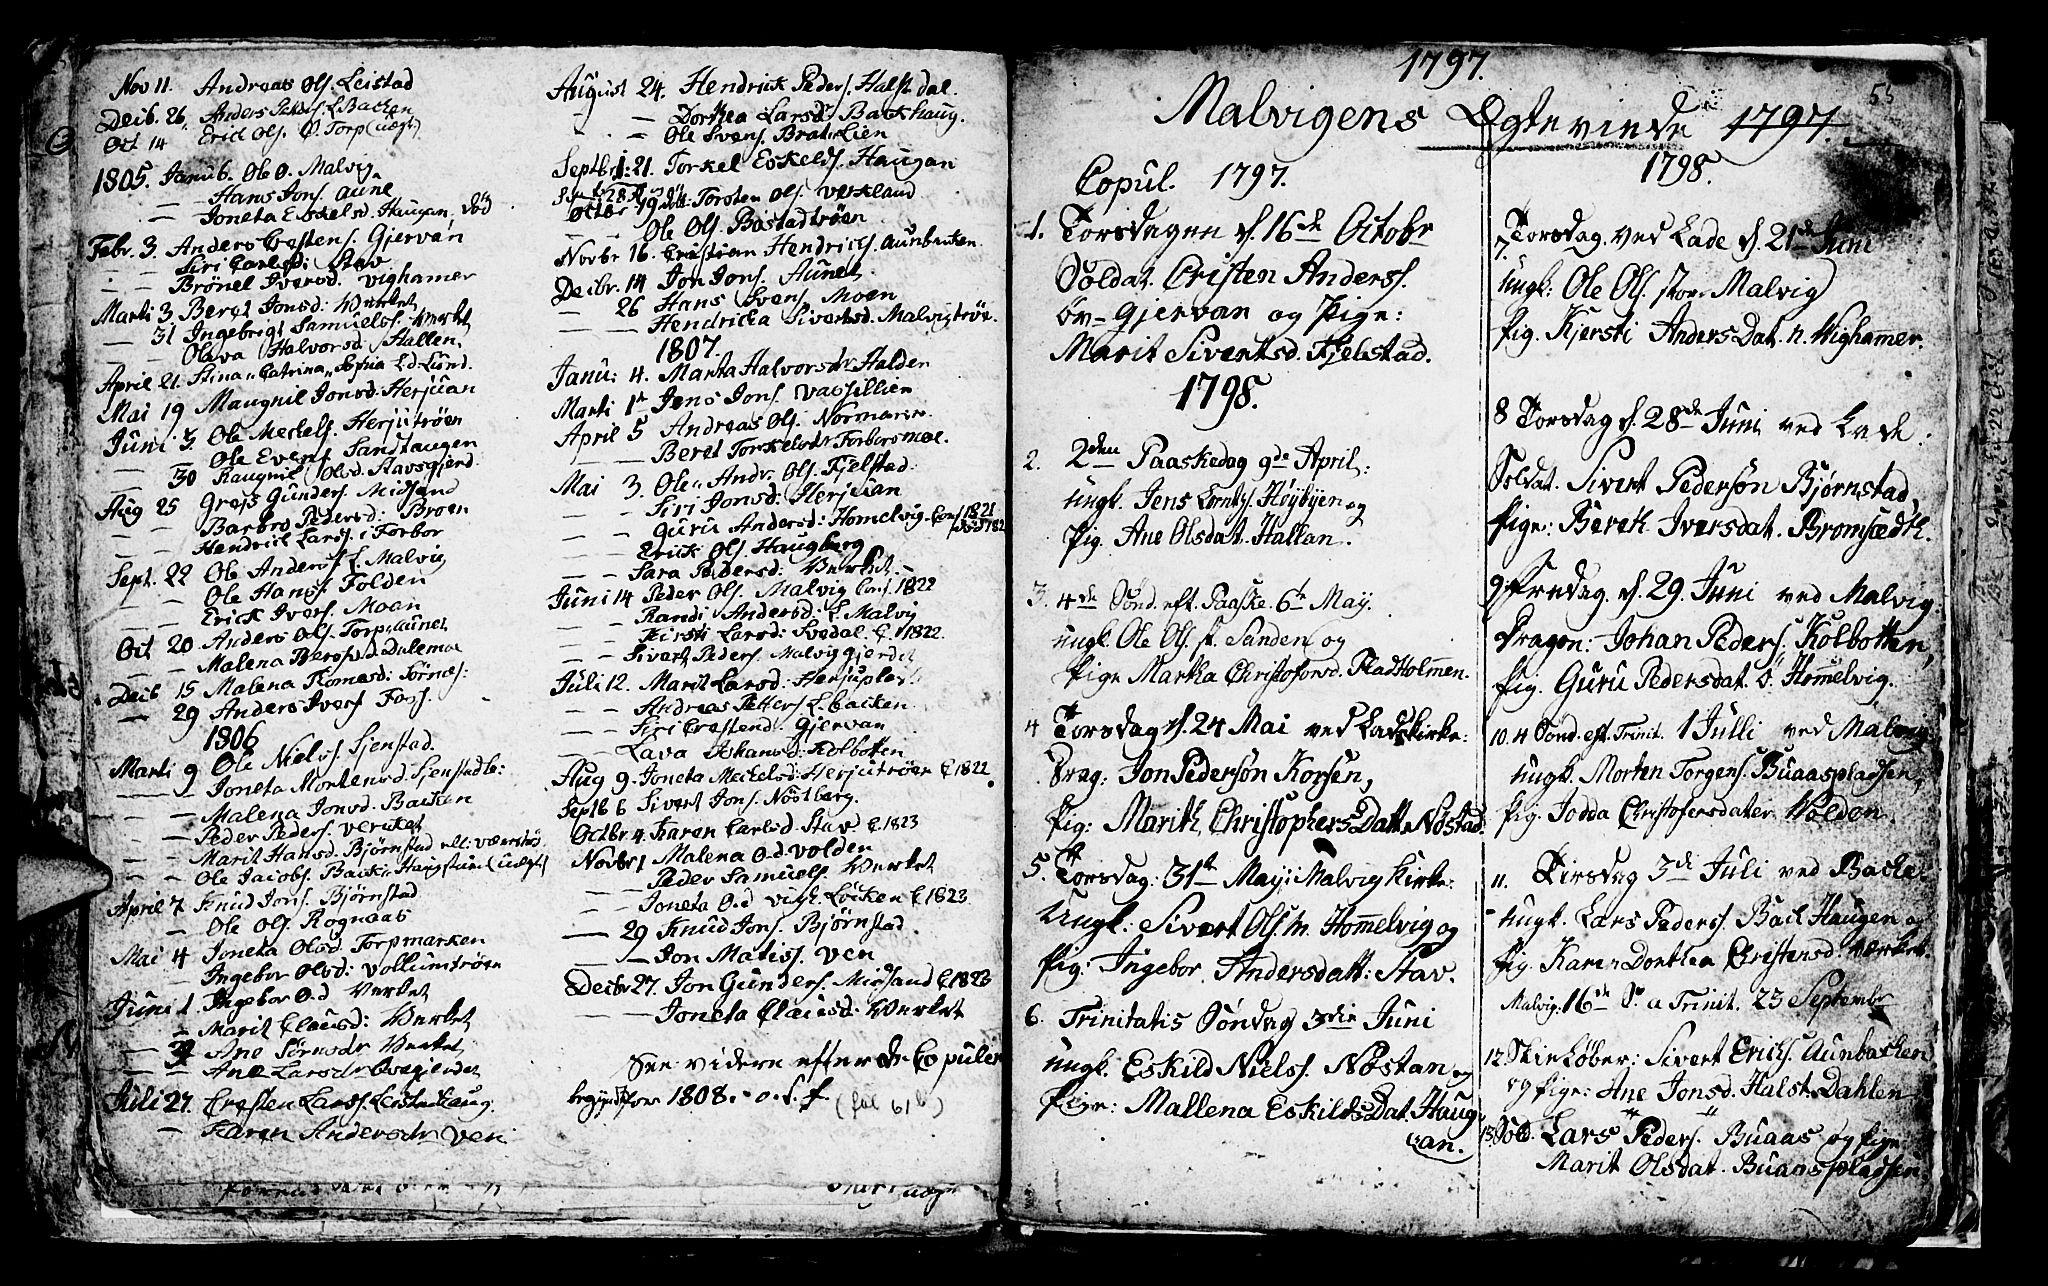 SAT, Ministerialprotokoller, klokkerbøker og fødselsregistre - Sør-Trøndelag, 616/L0419: Klokkerbok nr. 616C02, 1797-1816, s. 55